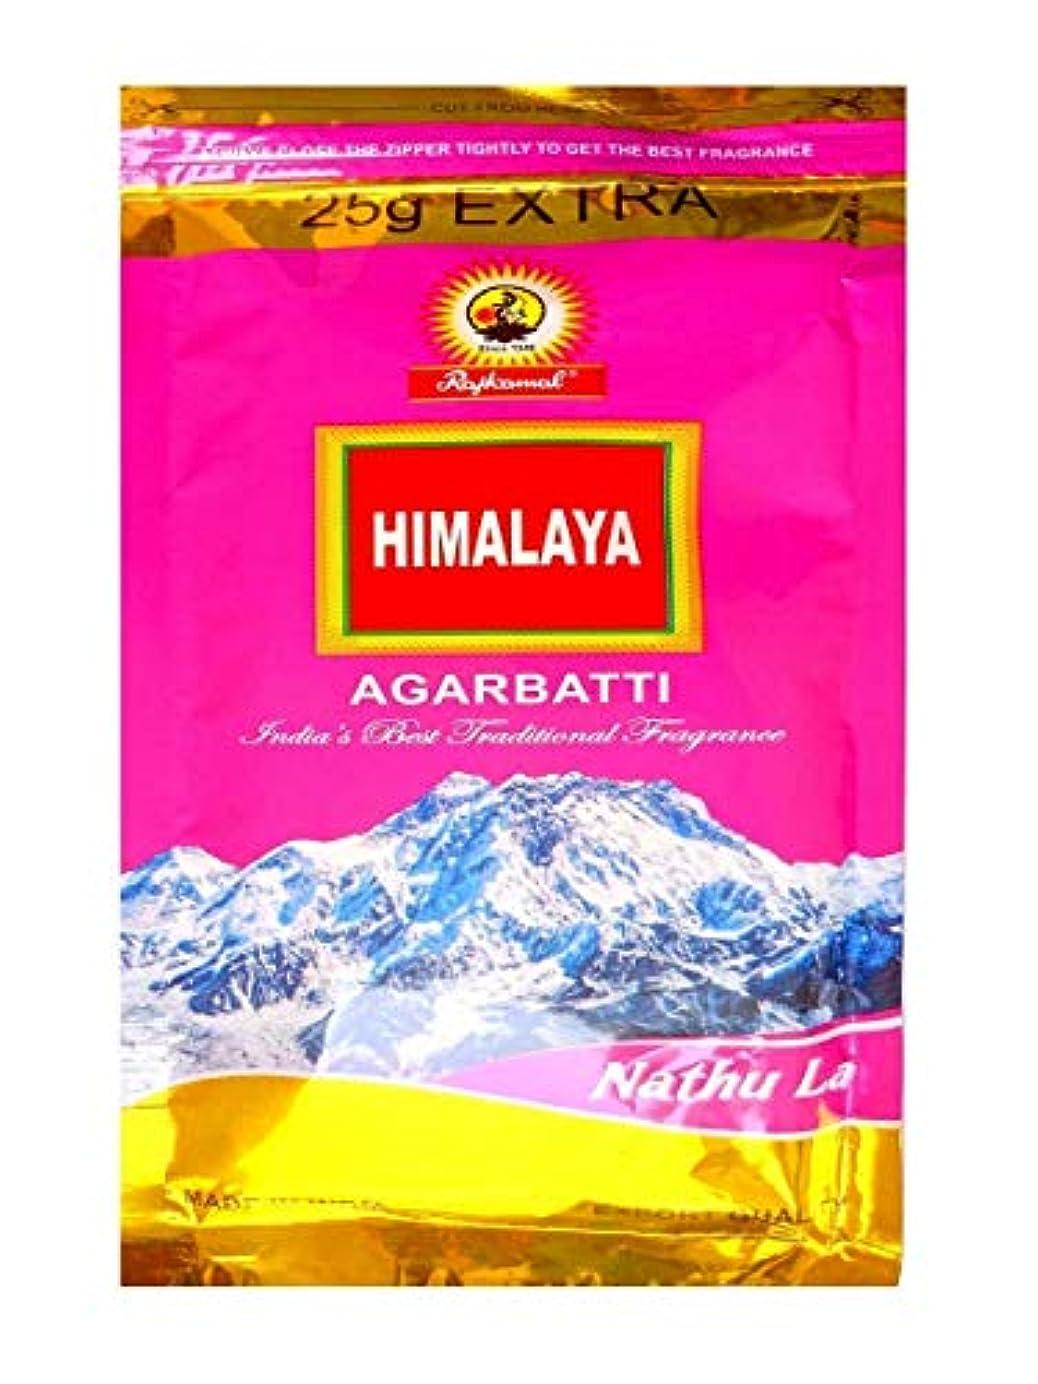 タイムリーなシャトルテーブルを設定するGift Of Forest Himalaya Nathu La Agarbatti Pack of 450 gm